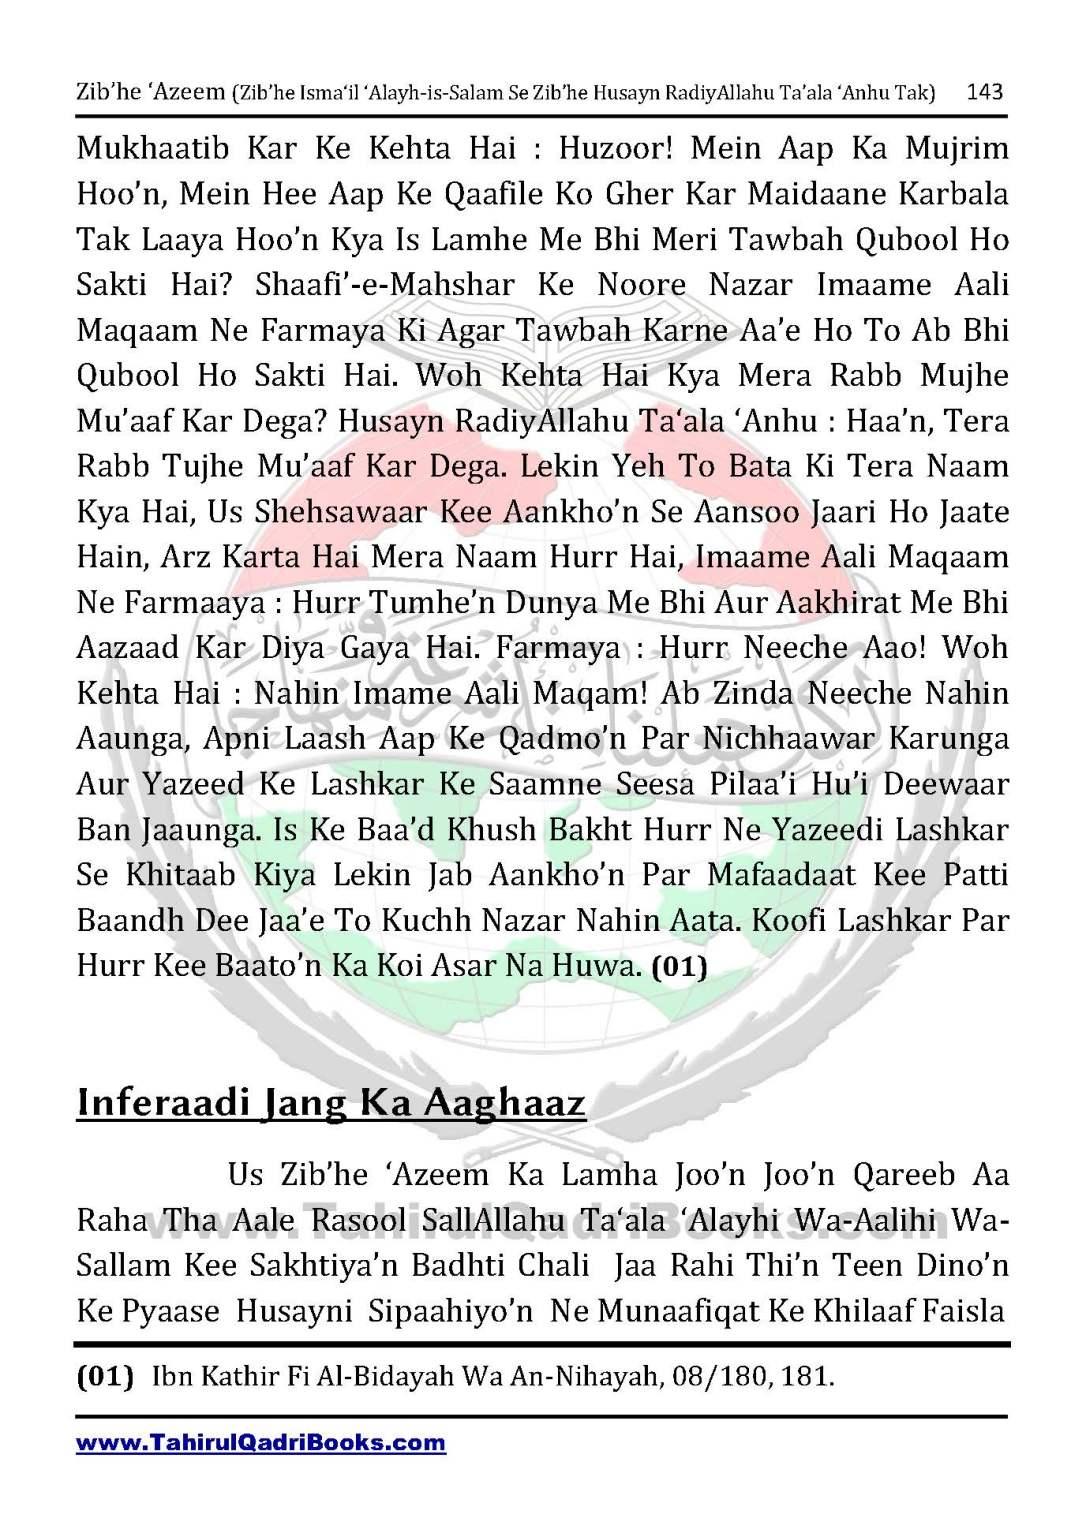 zib_he-e28098azeem-zib_he-ismacabbil-se-zib_he-husayn-tak-in-roman-urdu-unlocked_Page_143